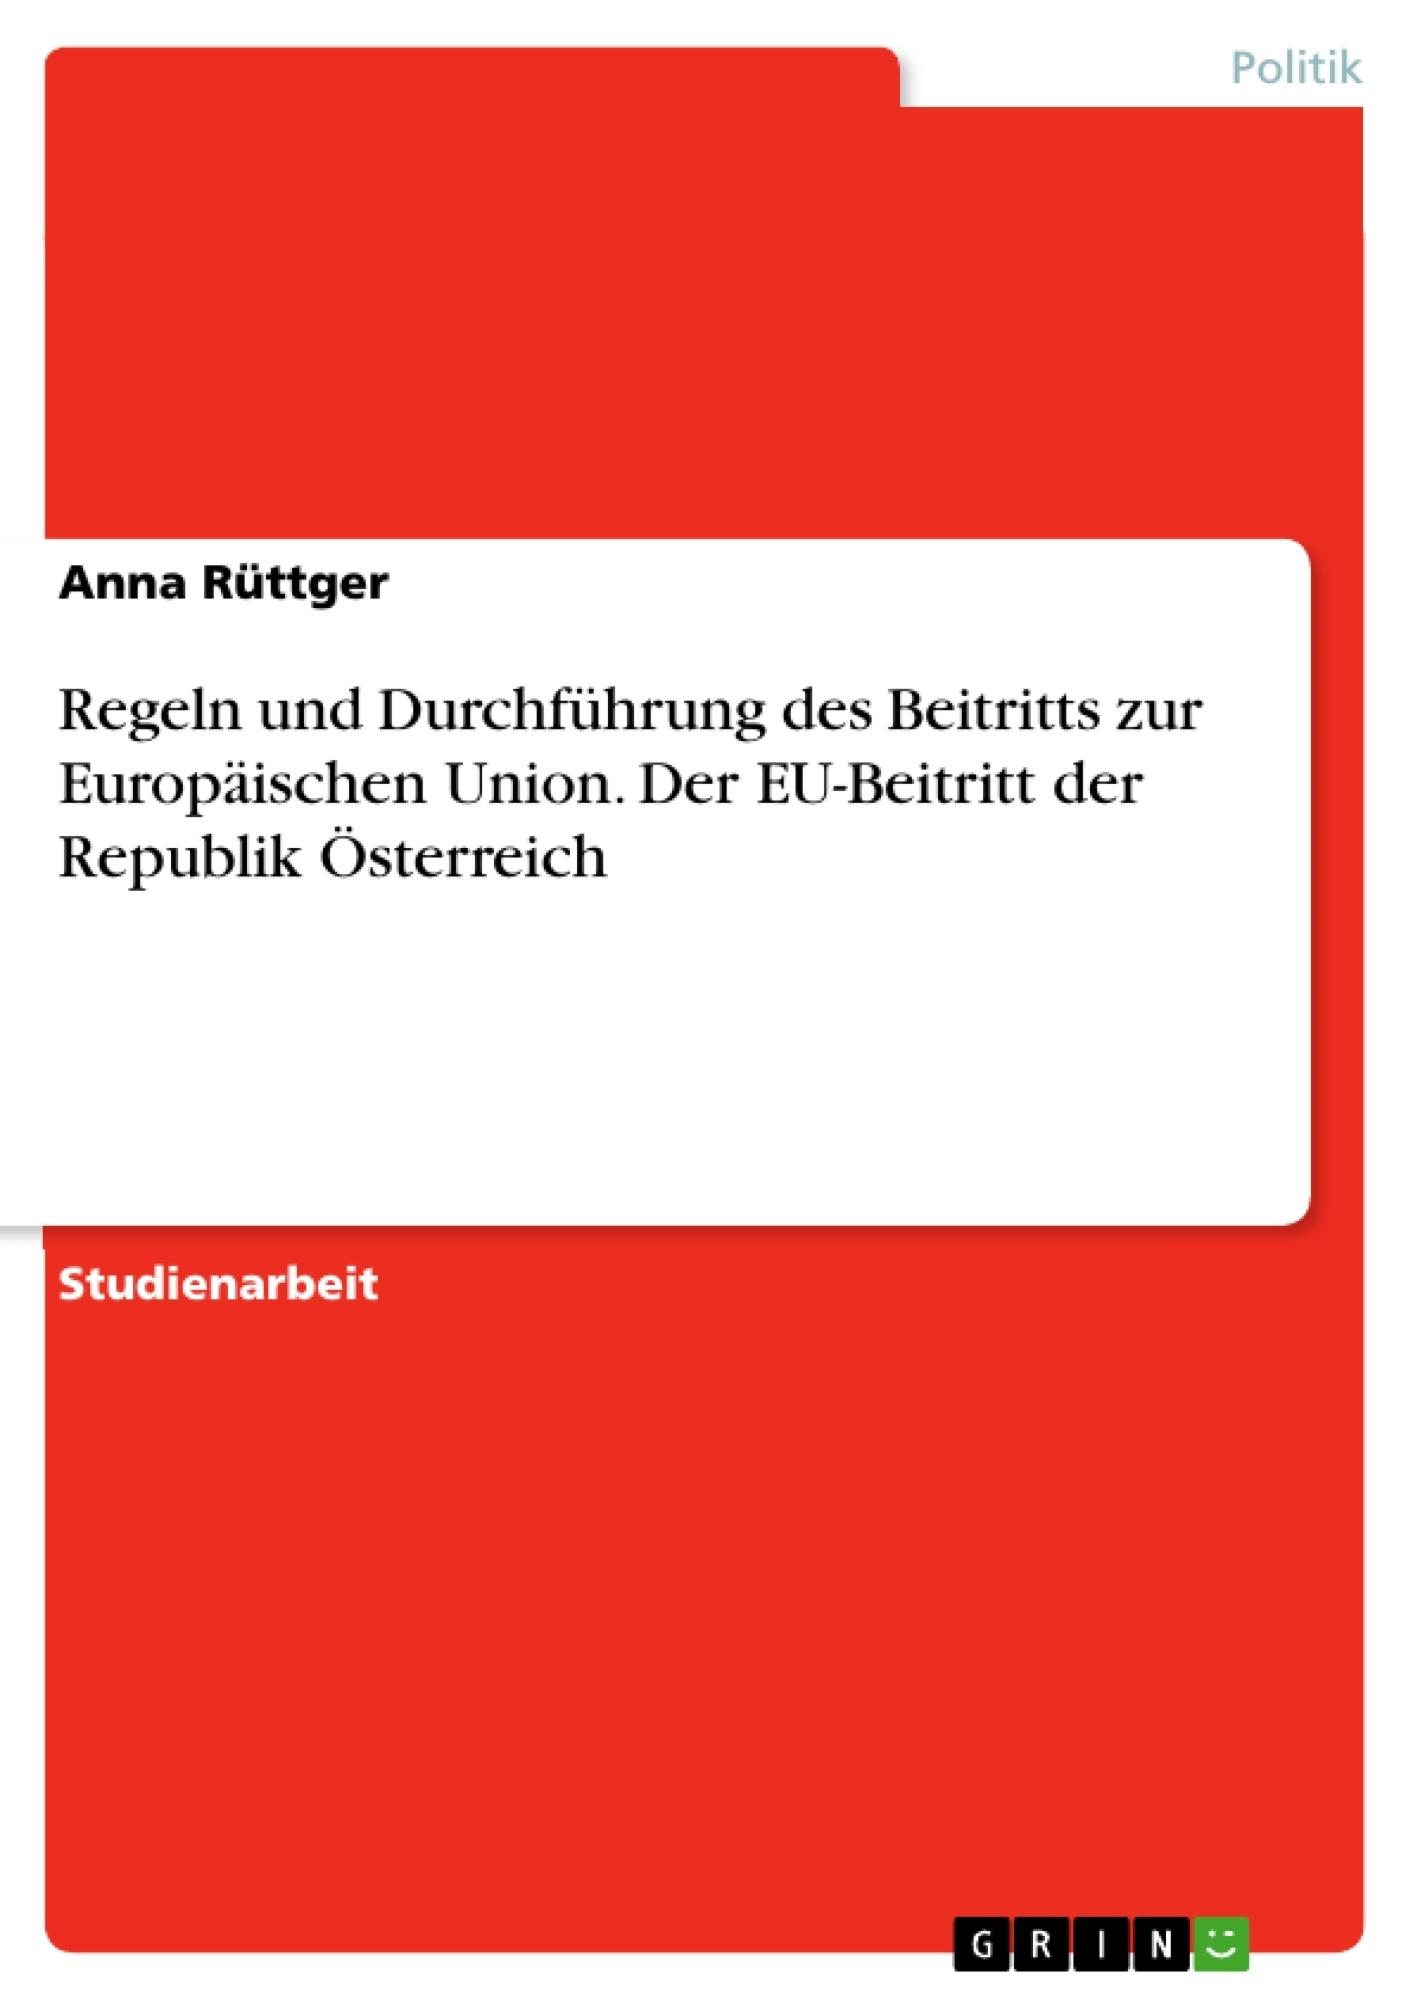 Titel: Regeln und Durchführung des Beitritts zur Europäischen Union. Der EU-Beitritt der Republik Österreich